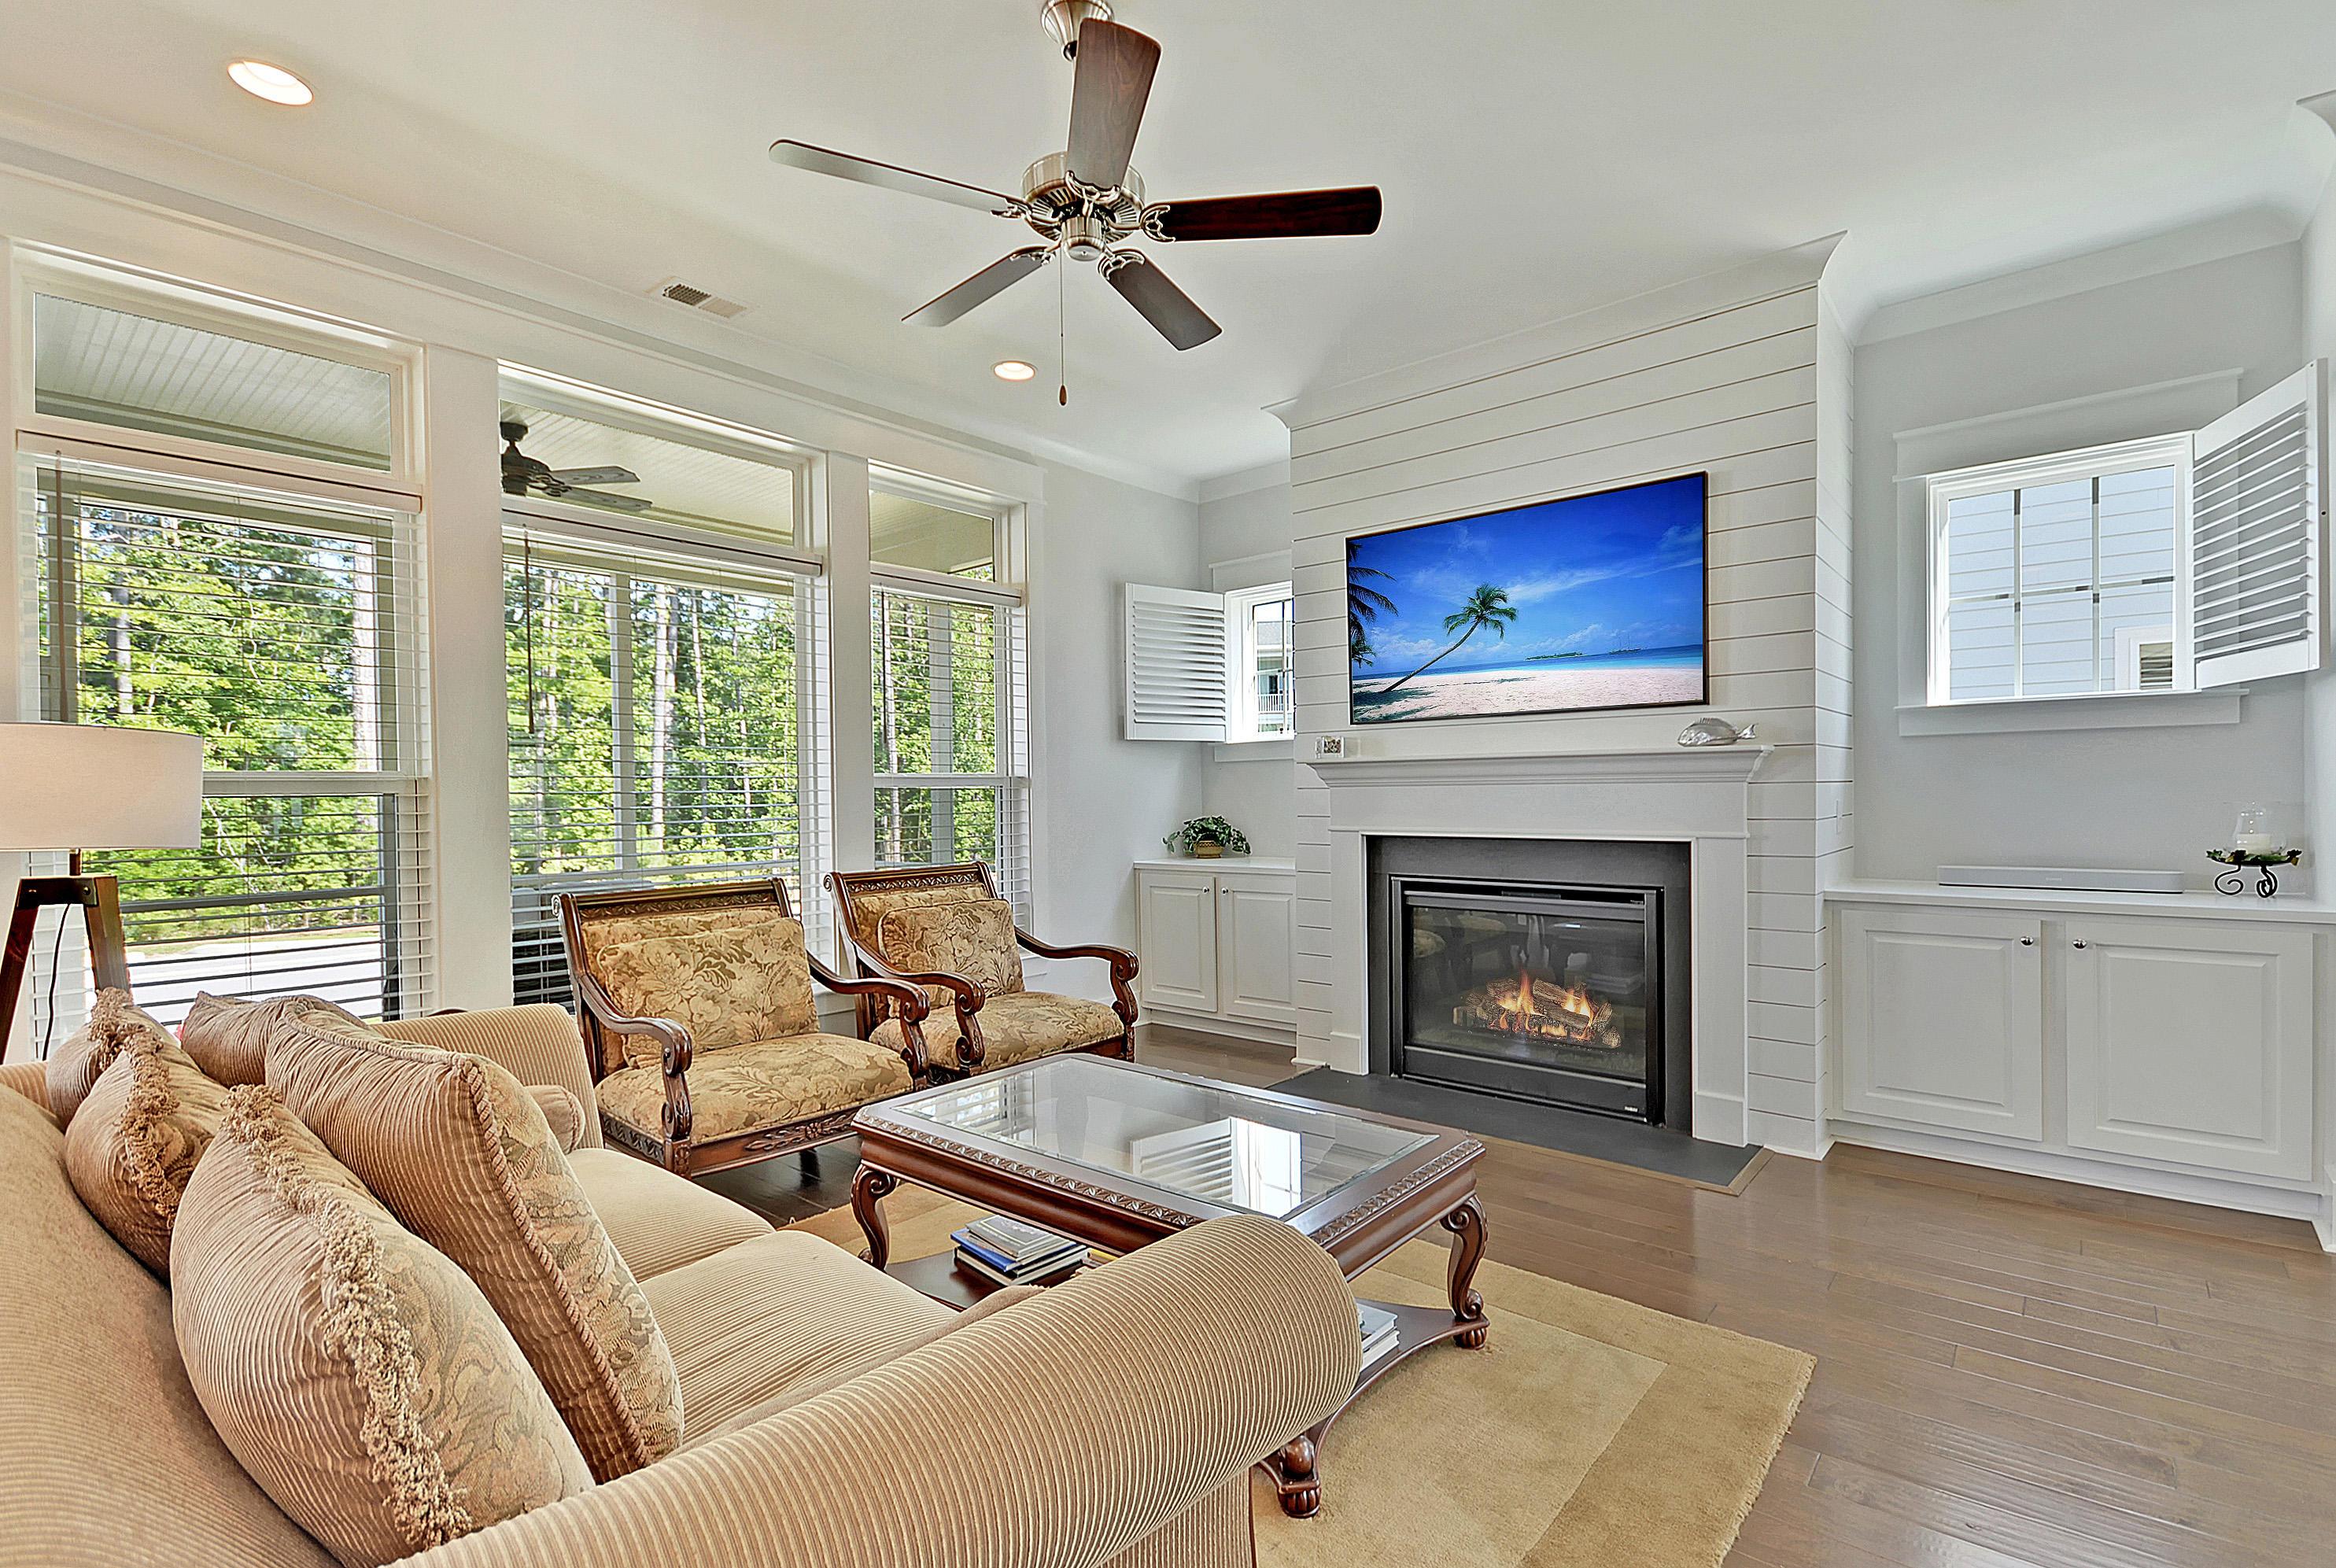 Dunes West Homes For Sale - 2927 Eddy, Mount Pleasant, SC - 31